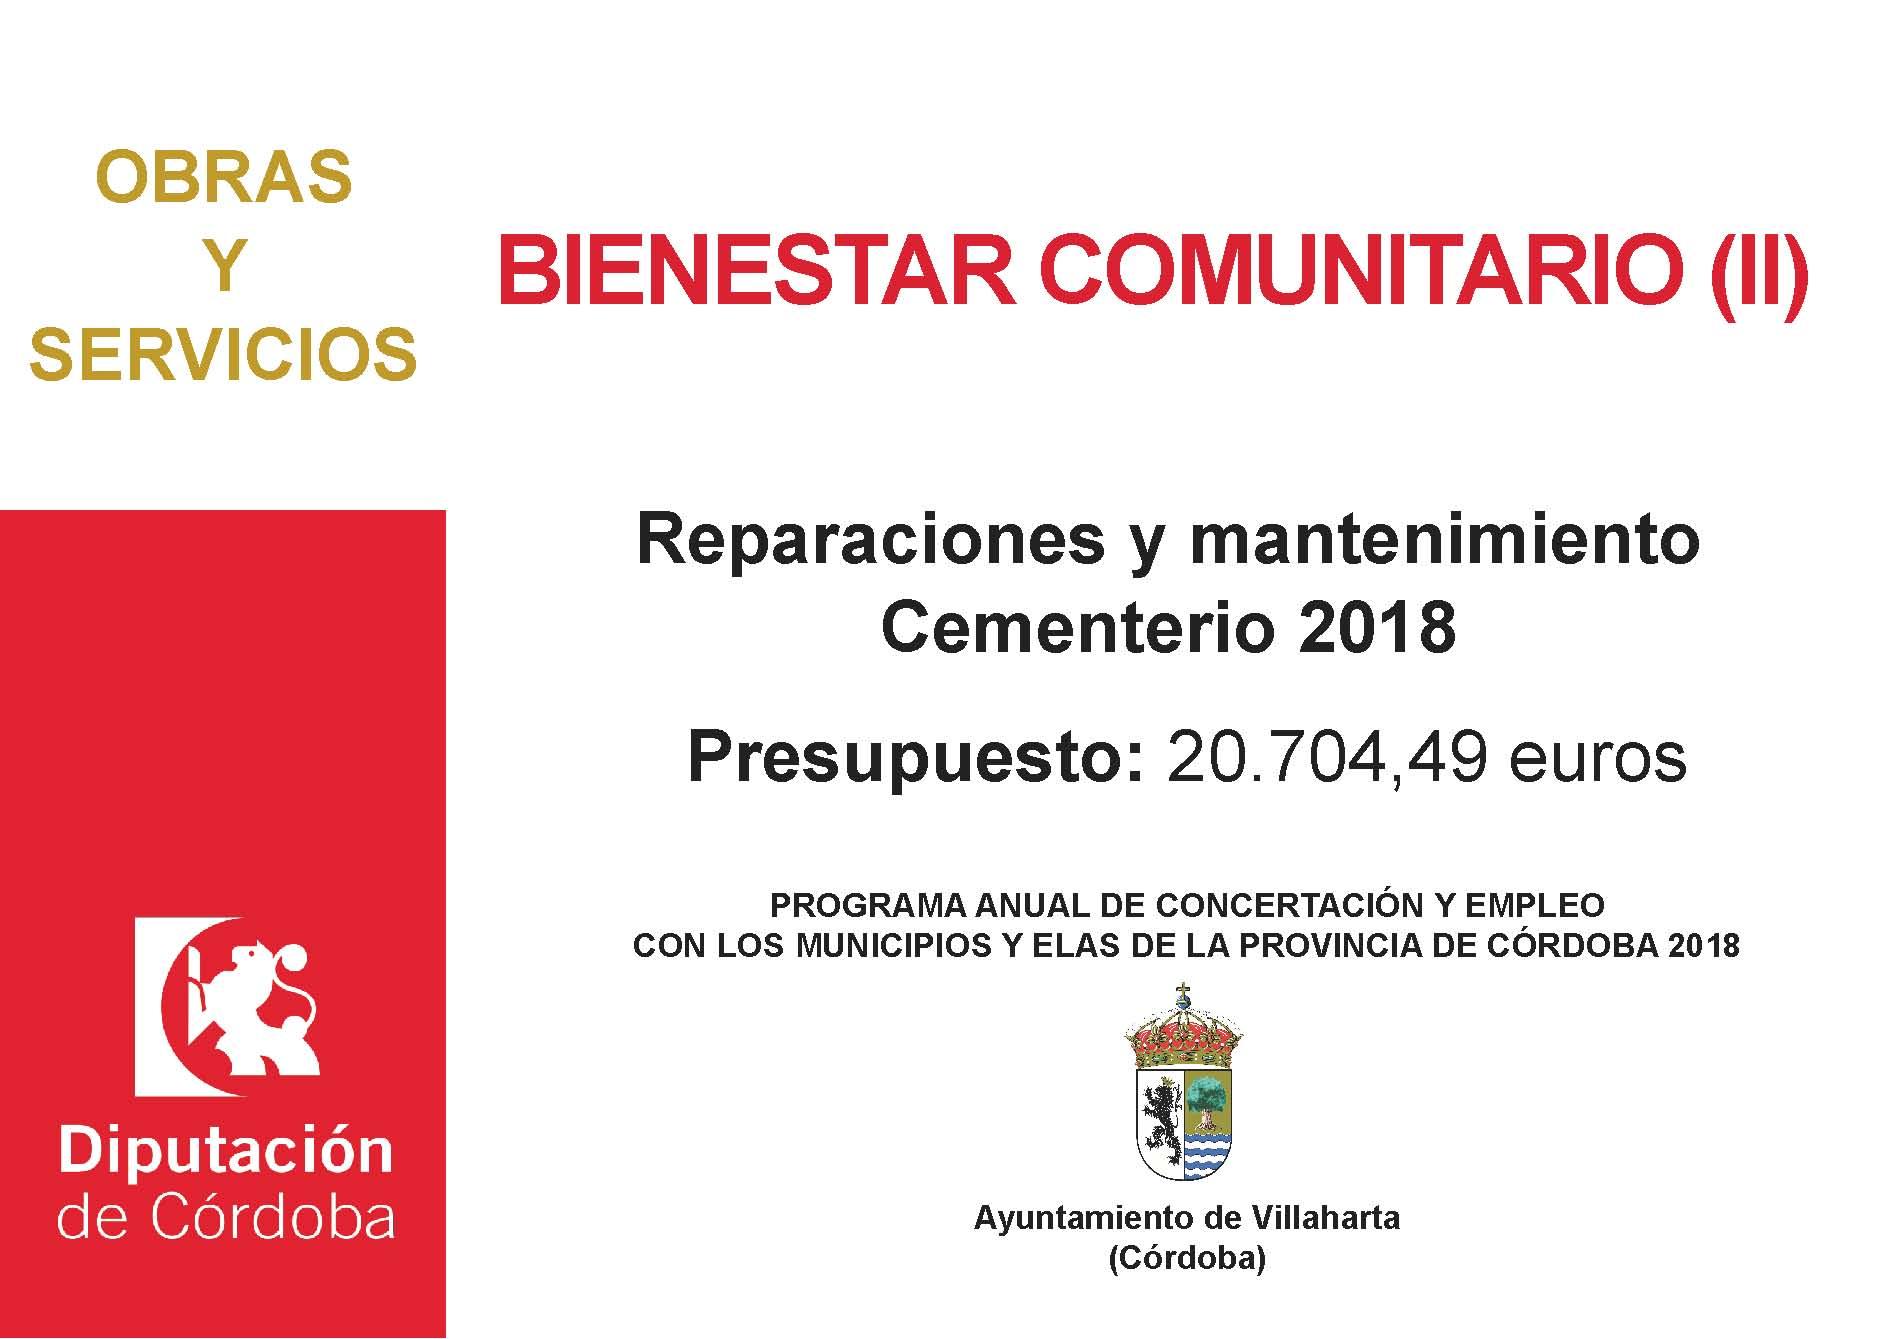 SUBVENCIÓN RECIBIDAS DE DIPUTACIÓN DE CÓRDOBA 7